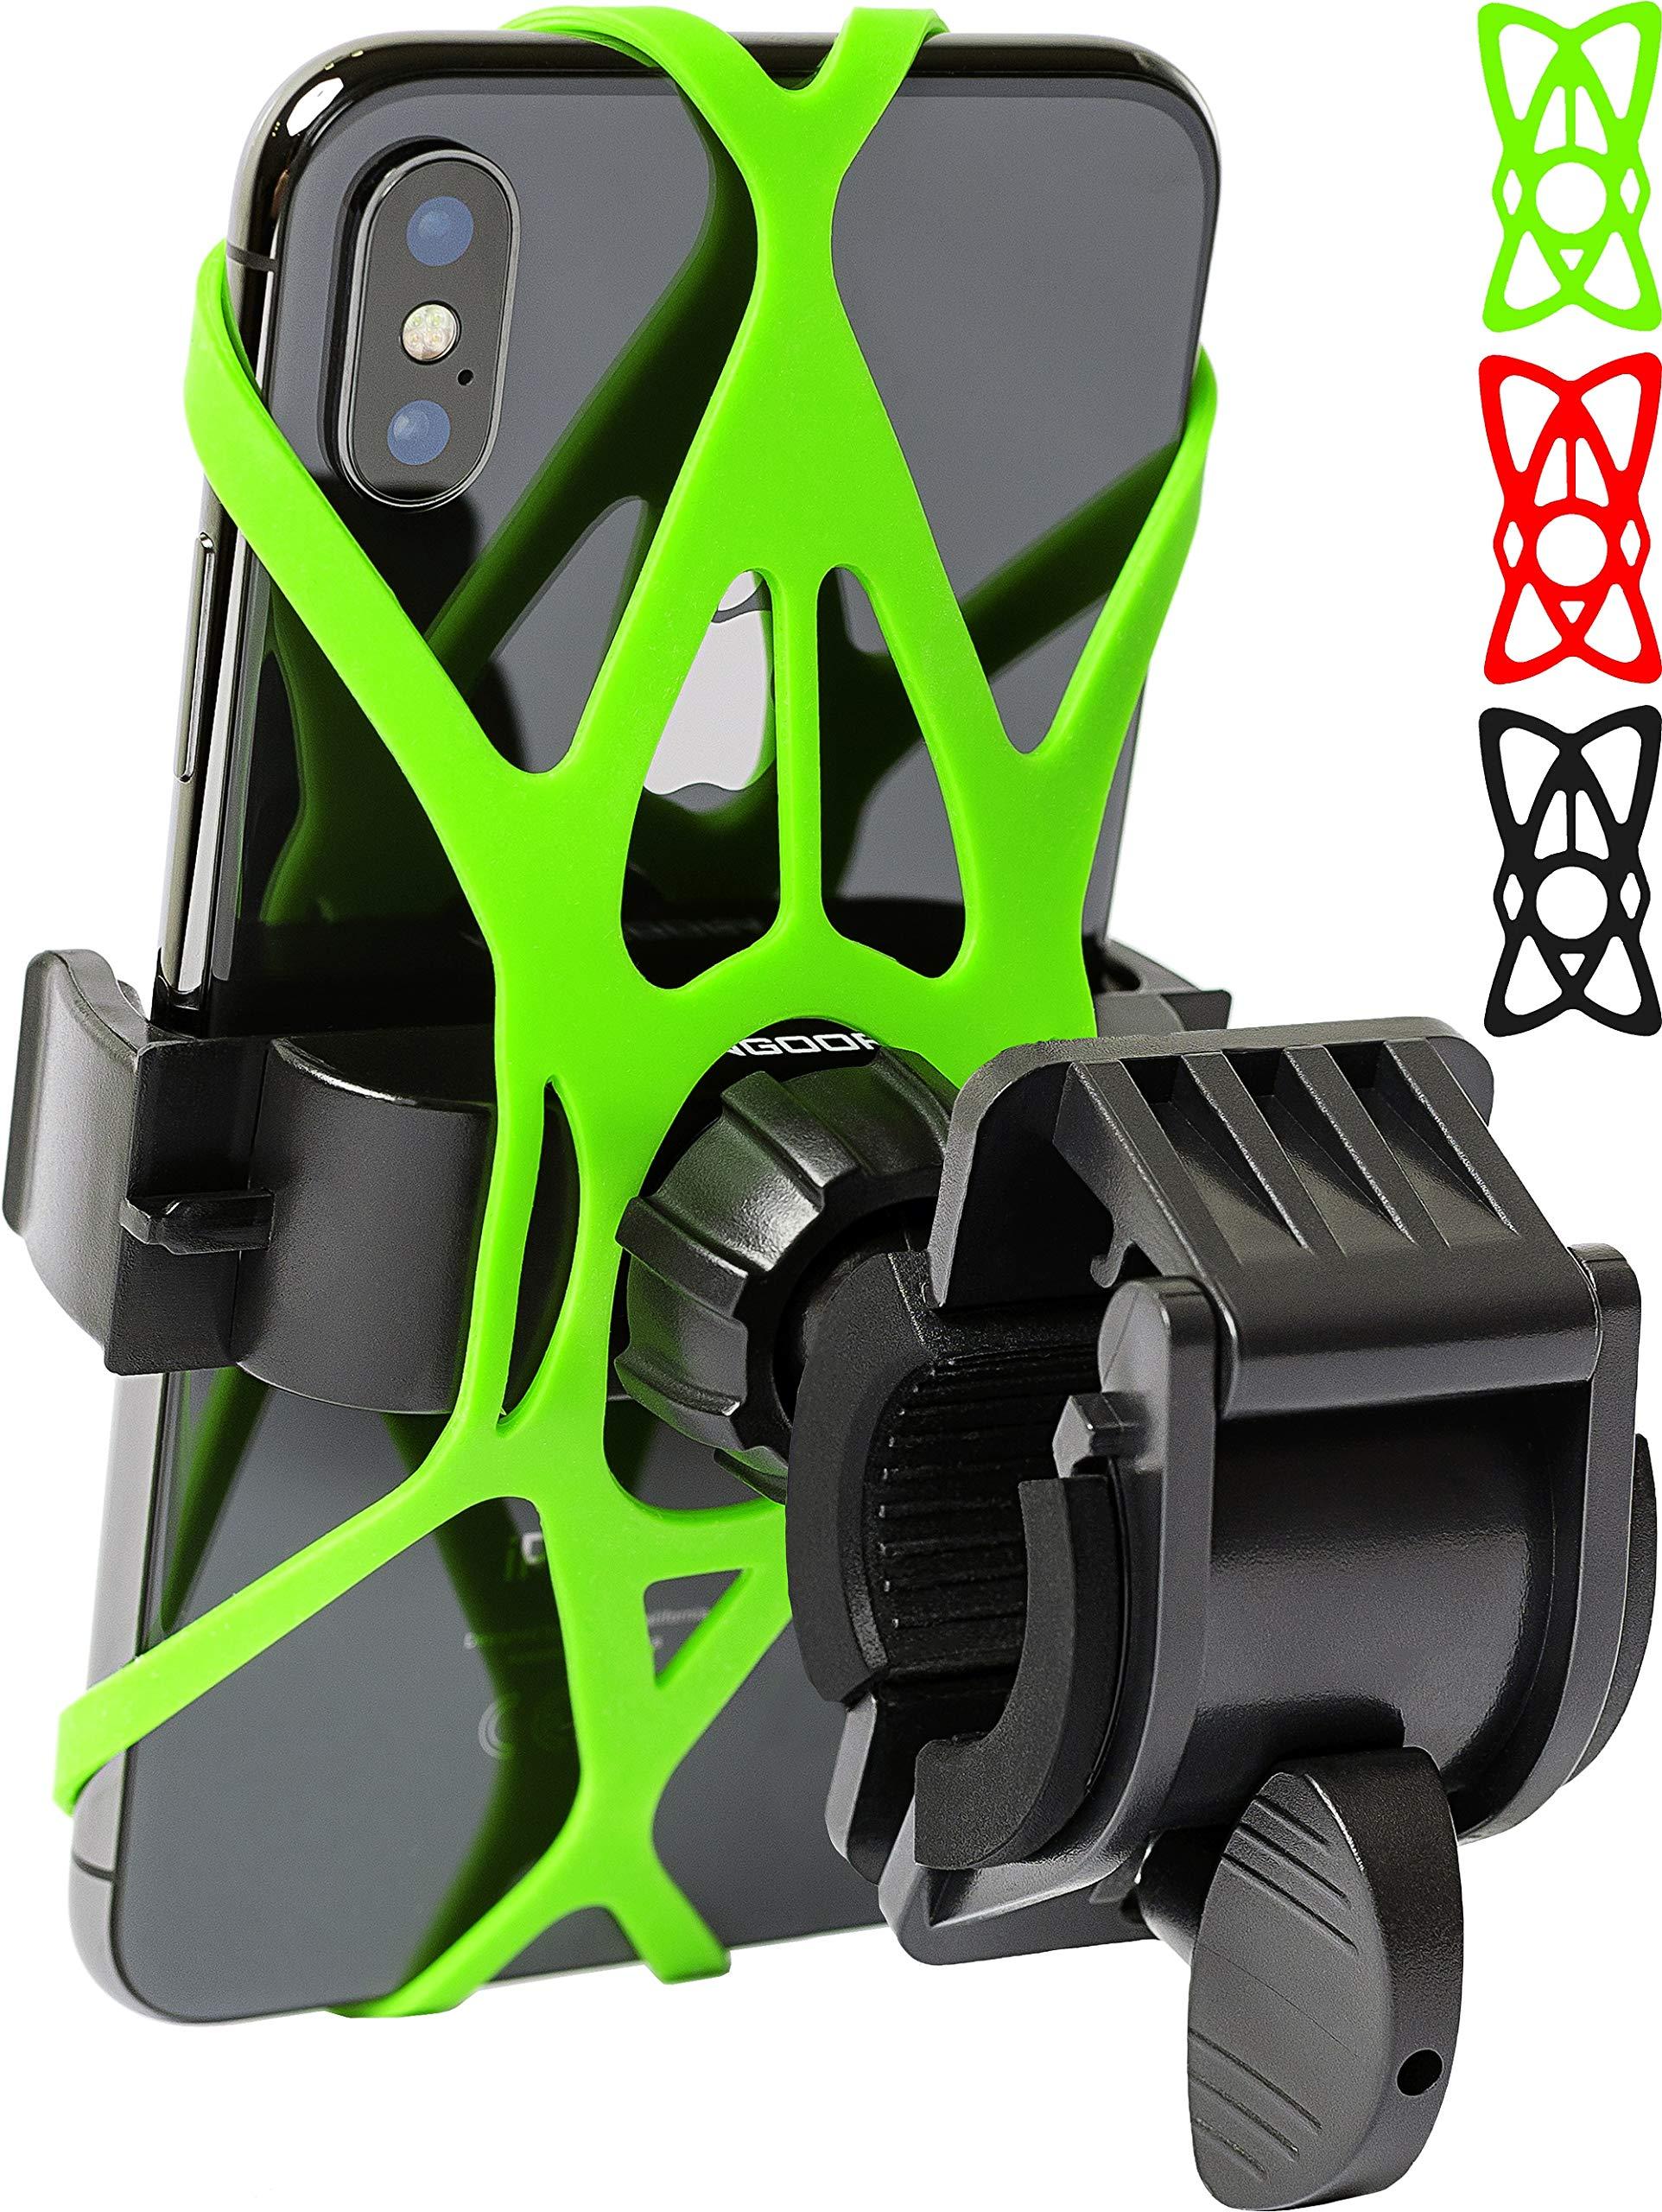 任意のスマートフォン自転車電話ホルダーに適用されます:iPhone X 8 7 6 5プラスサムスンギャラクシーS9 S8 S7 S6 S5 S4エッジ、ネクサス、ノキア、LG。オートバイ、自転車電話ホルダー。マウンテンバイクホルダー。自転車アクセサリー。